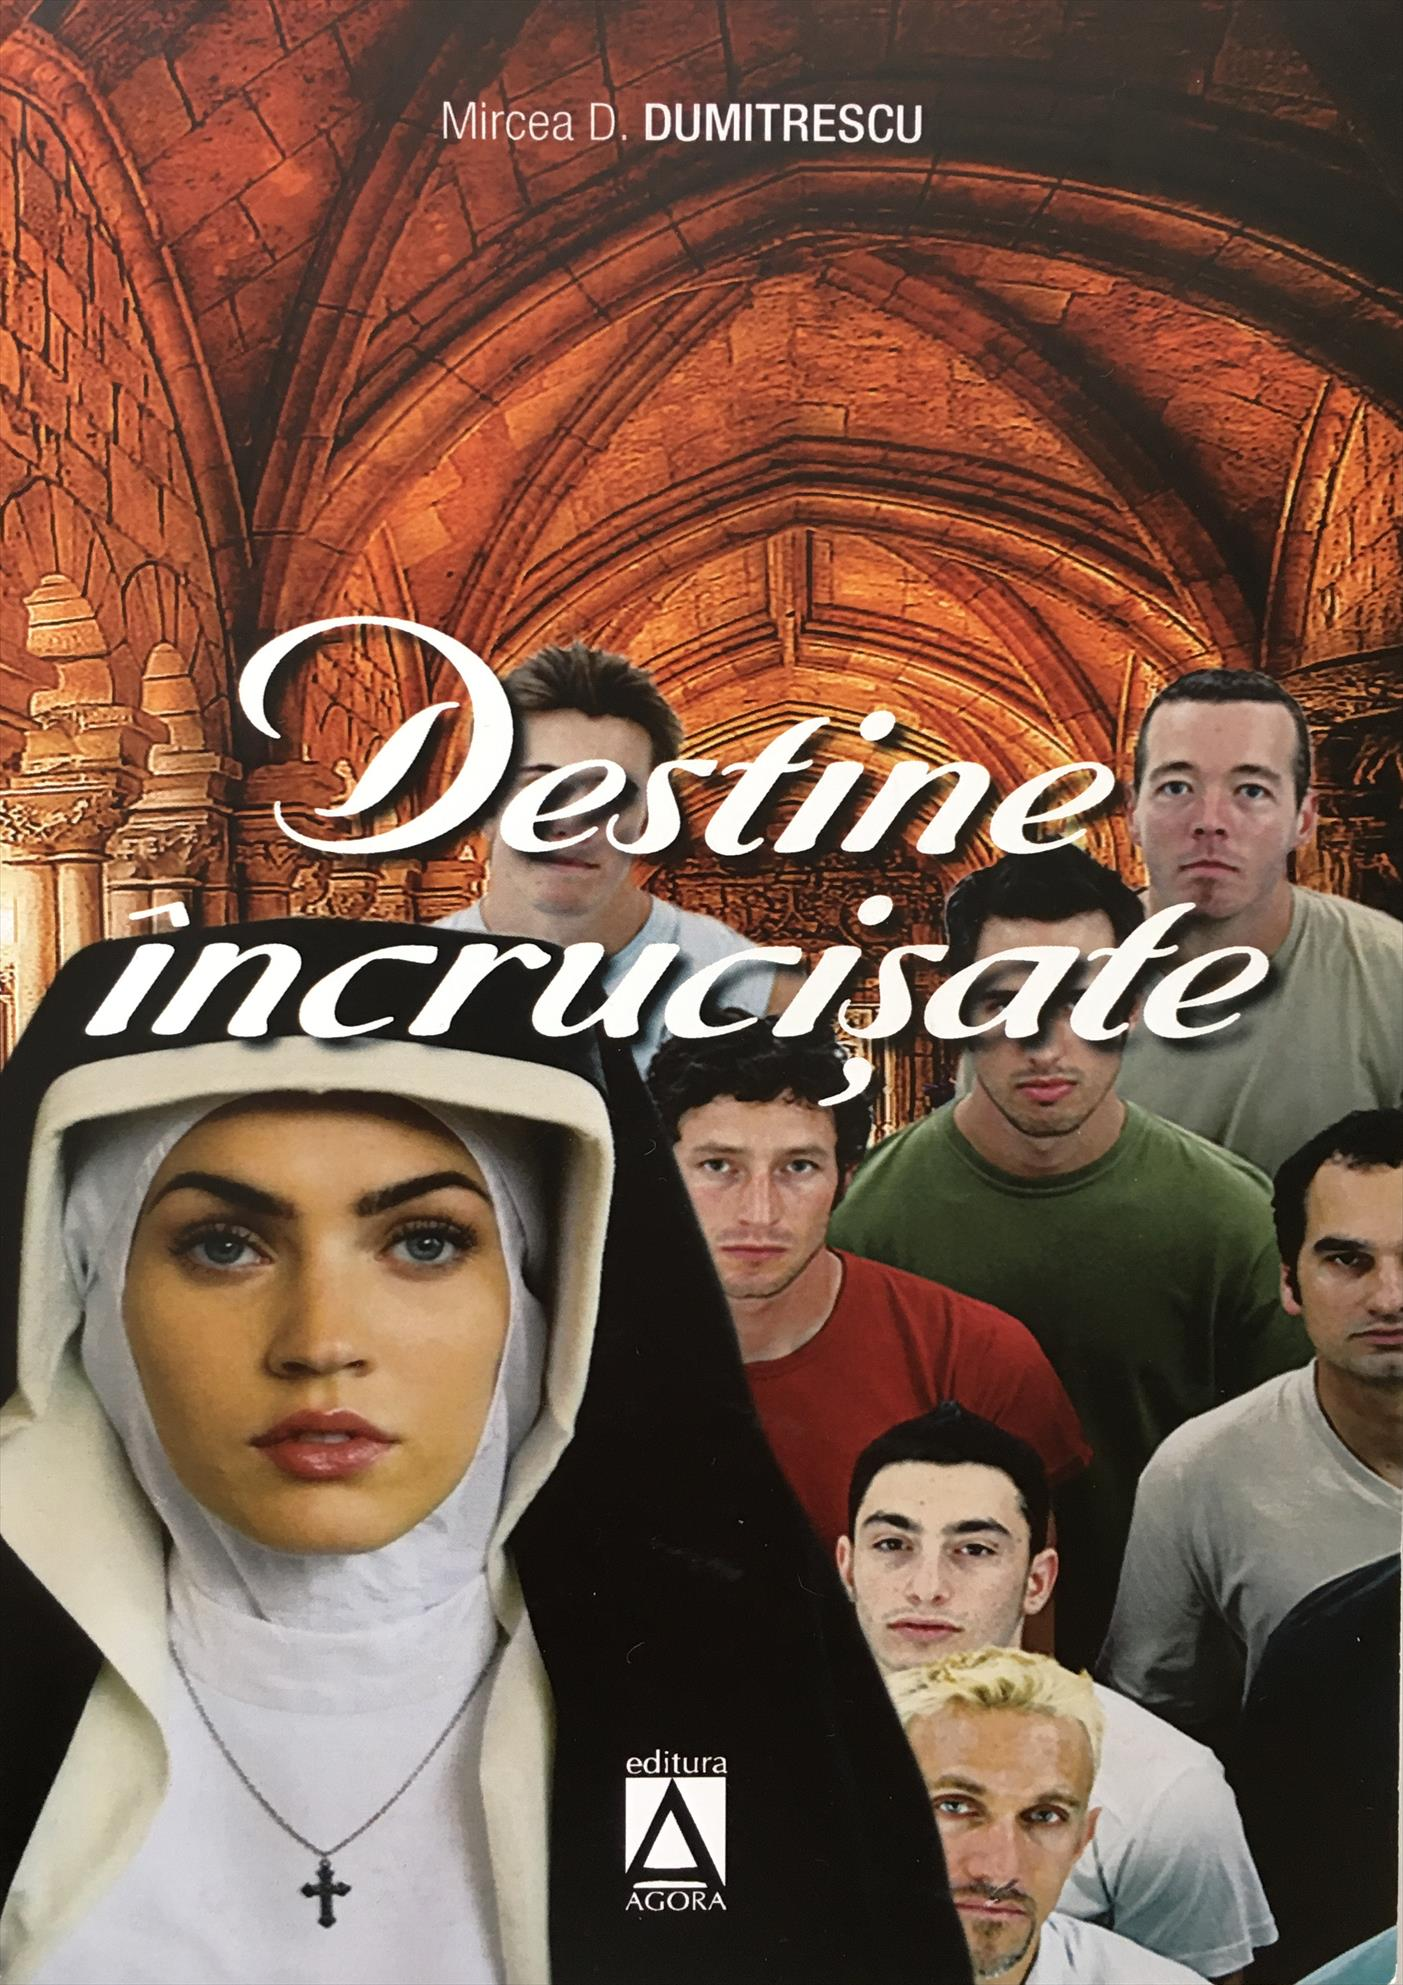 Destine Incrucisate